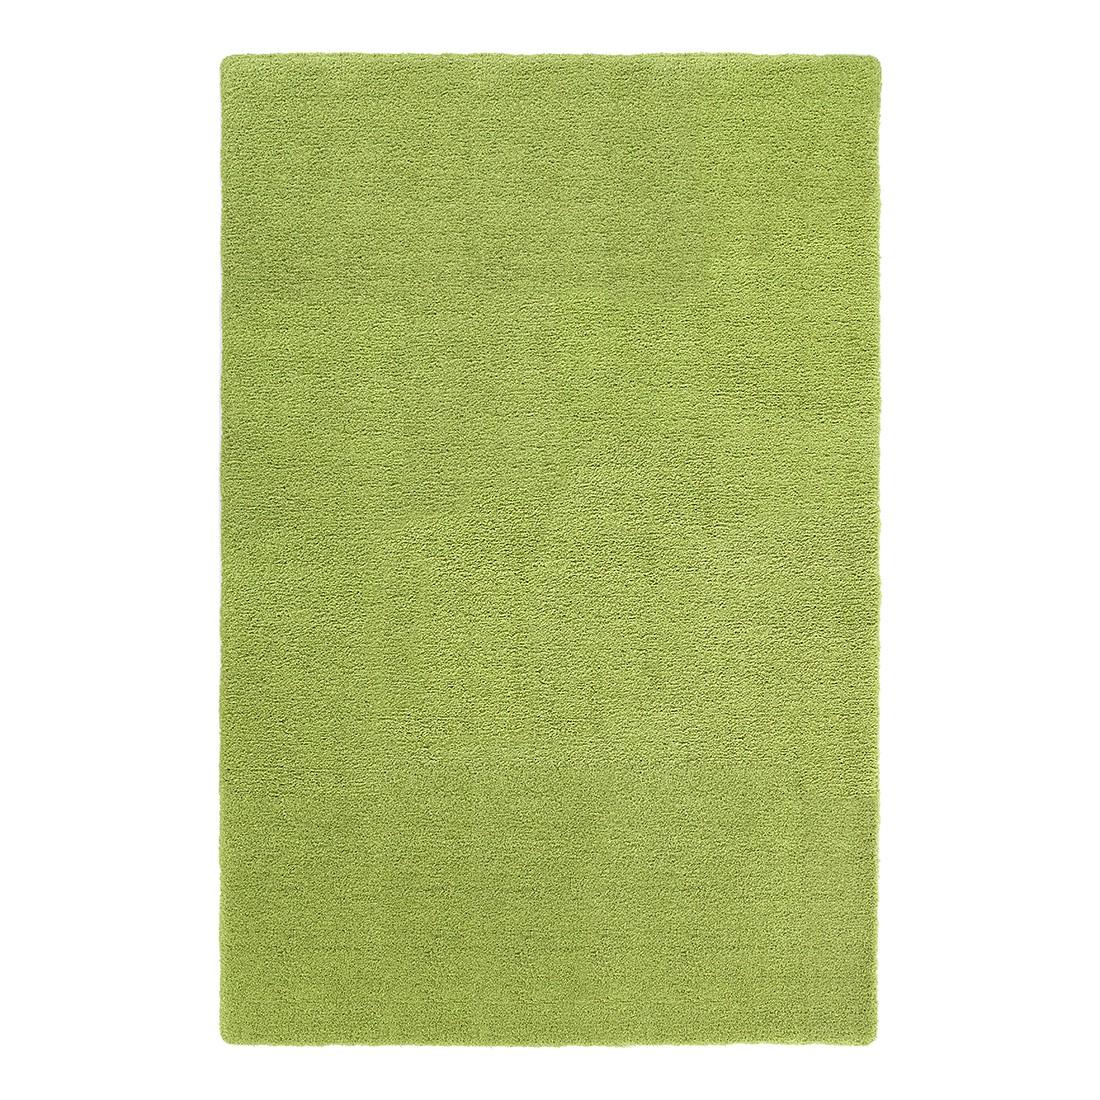 Teppich Livorno - Grün - 170 x 240 cm, Astra